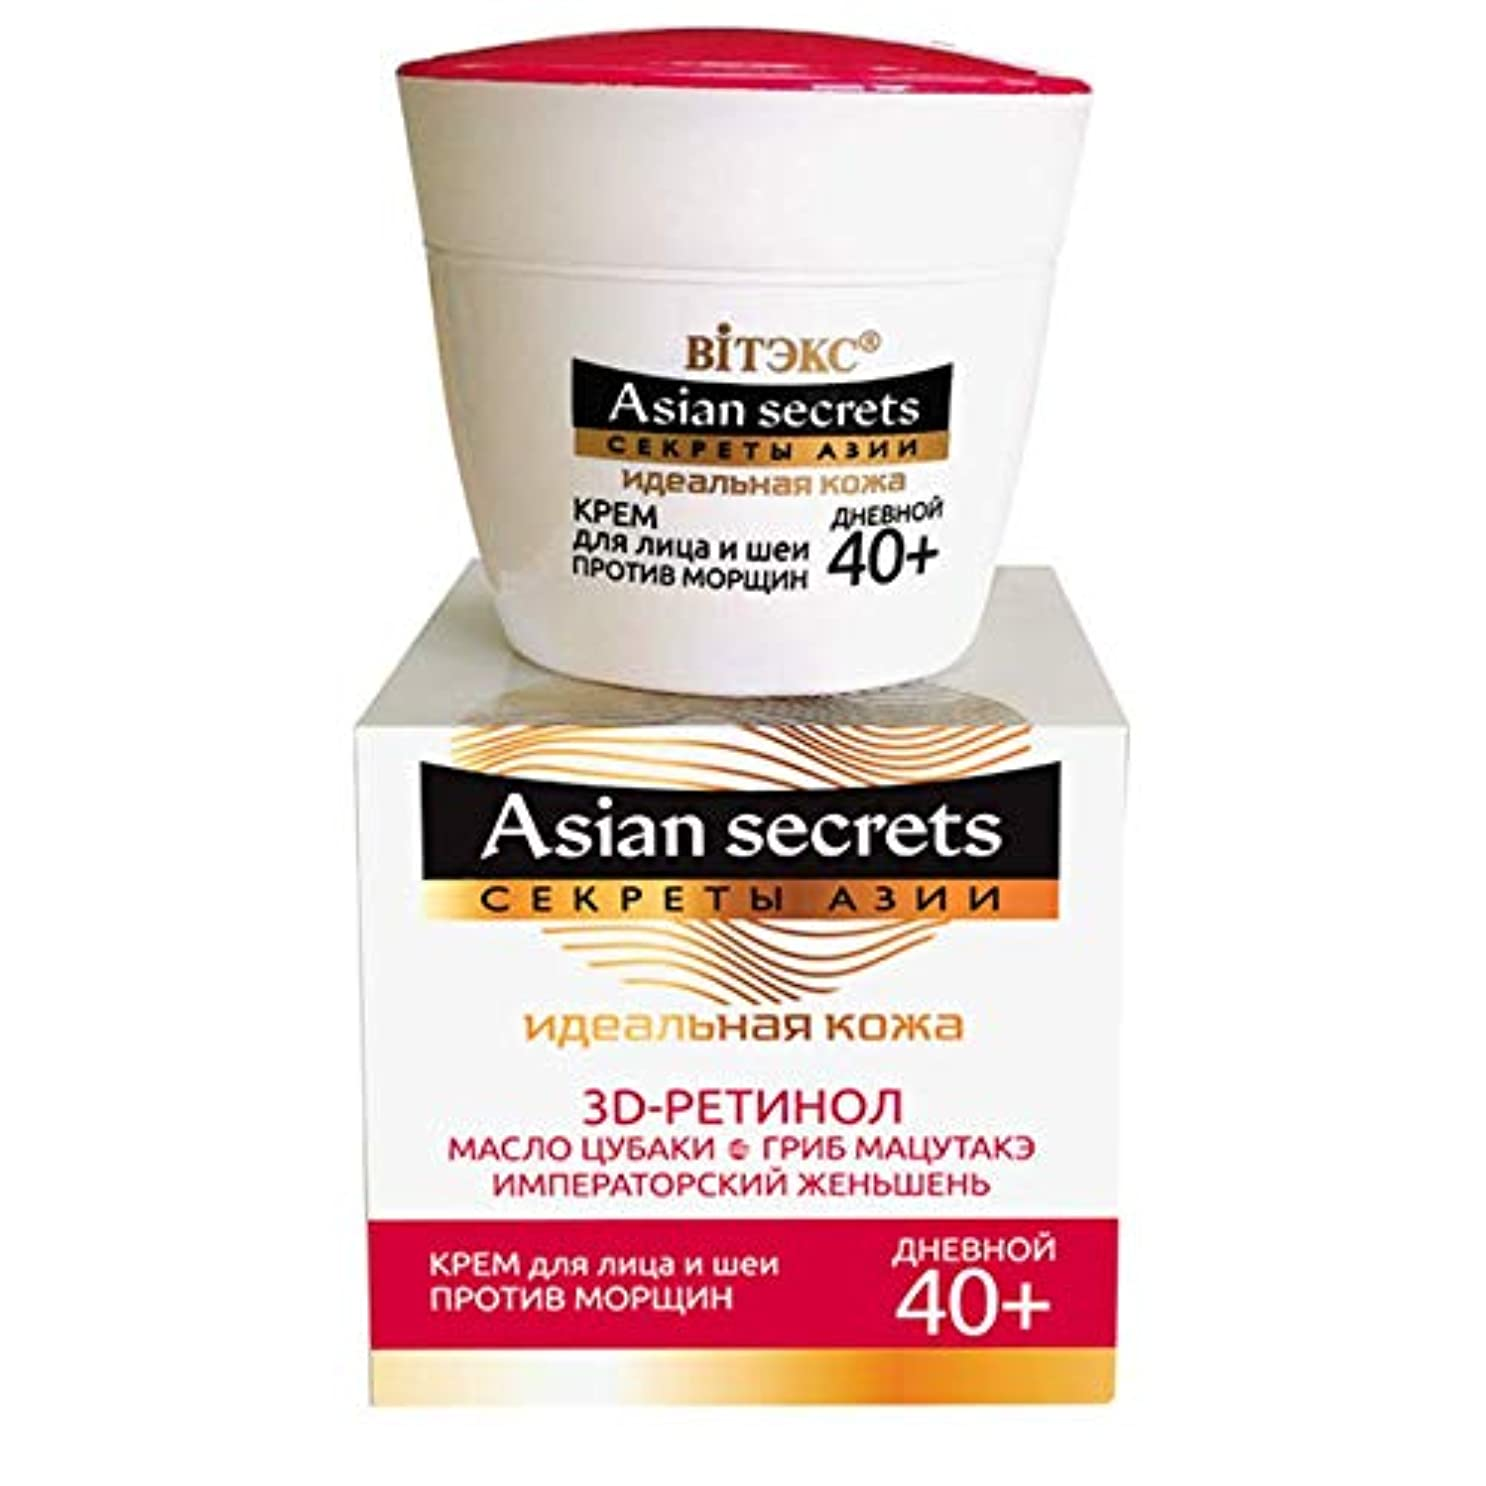 摂氏度説明するアノイSkin Care Moisturizer for dry skin and normal skin. Korean Beauty - Face day Cream Moisturizer | Japanese Camellia...